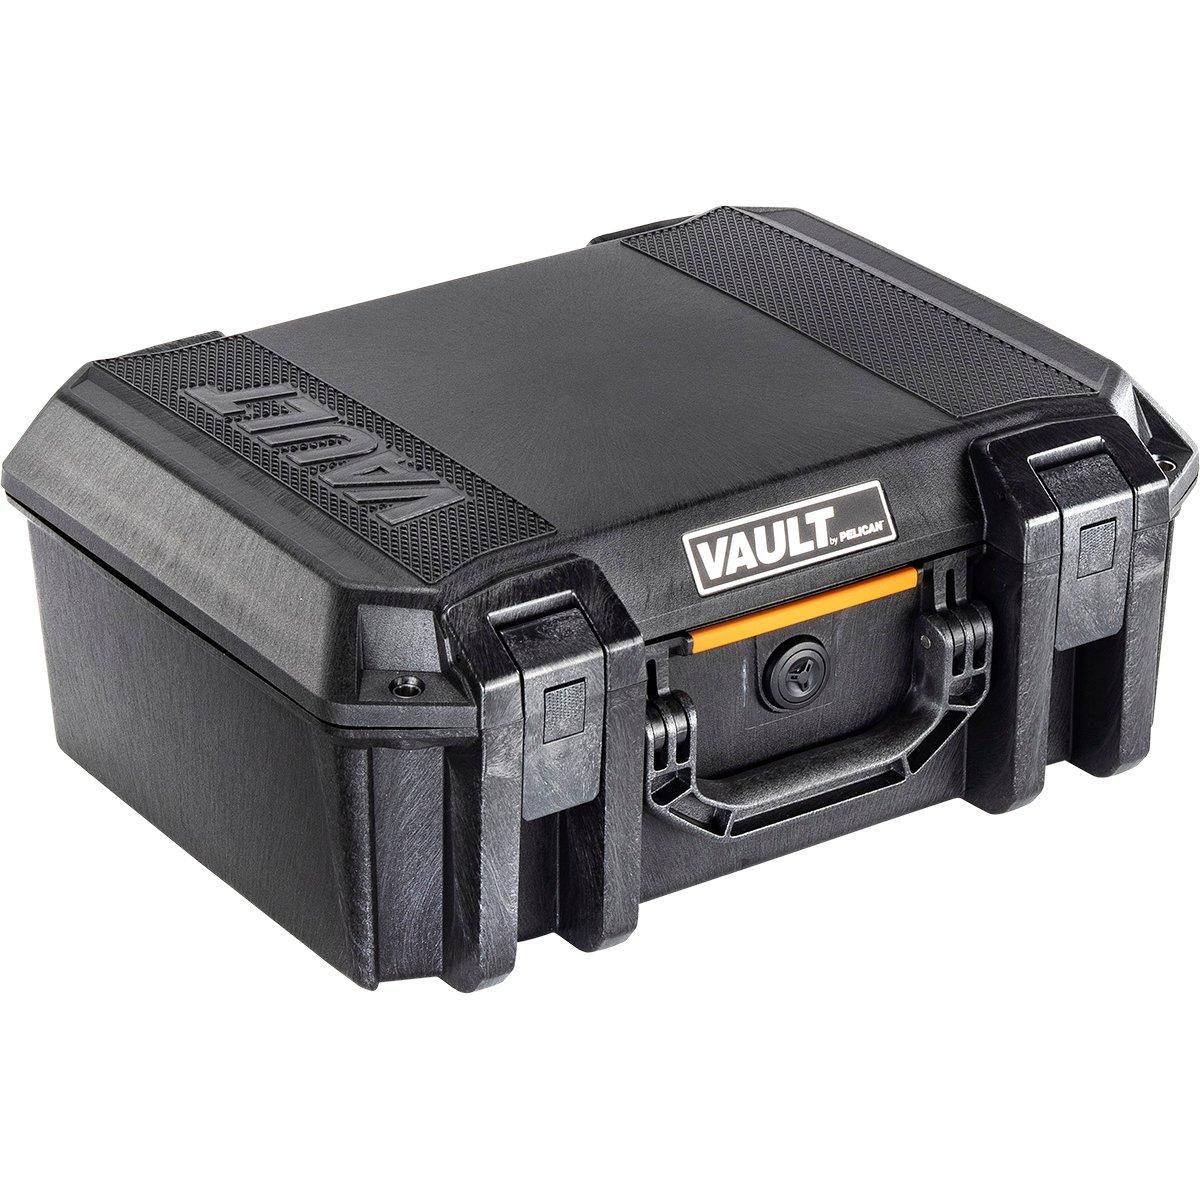 V300 VAULT CASE WD